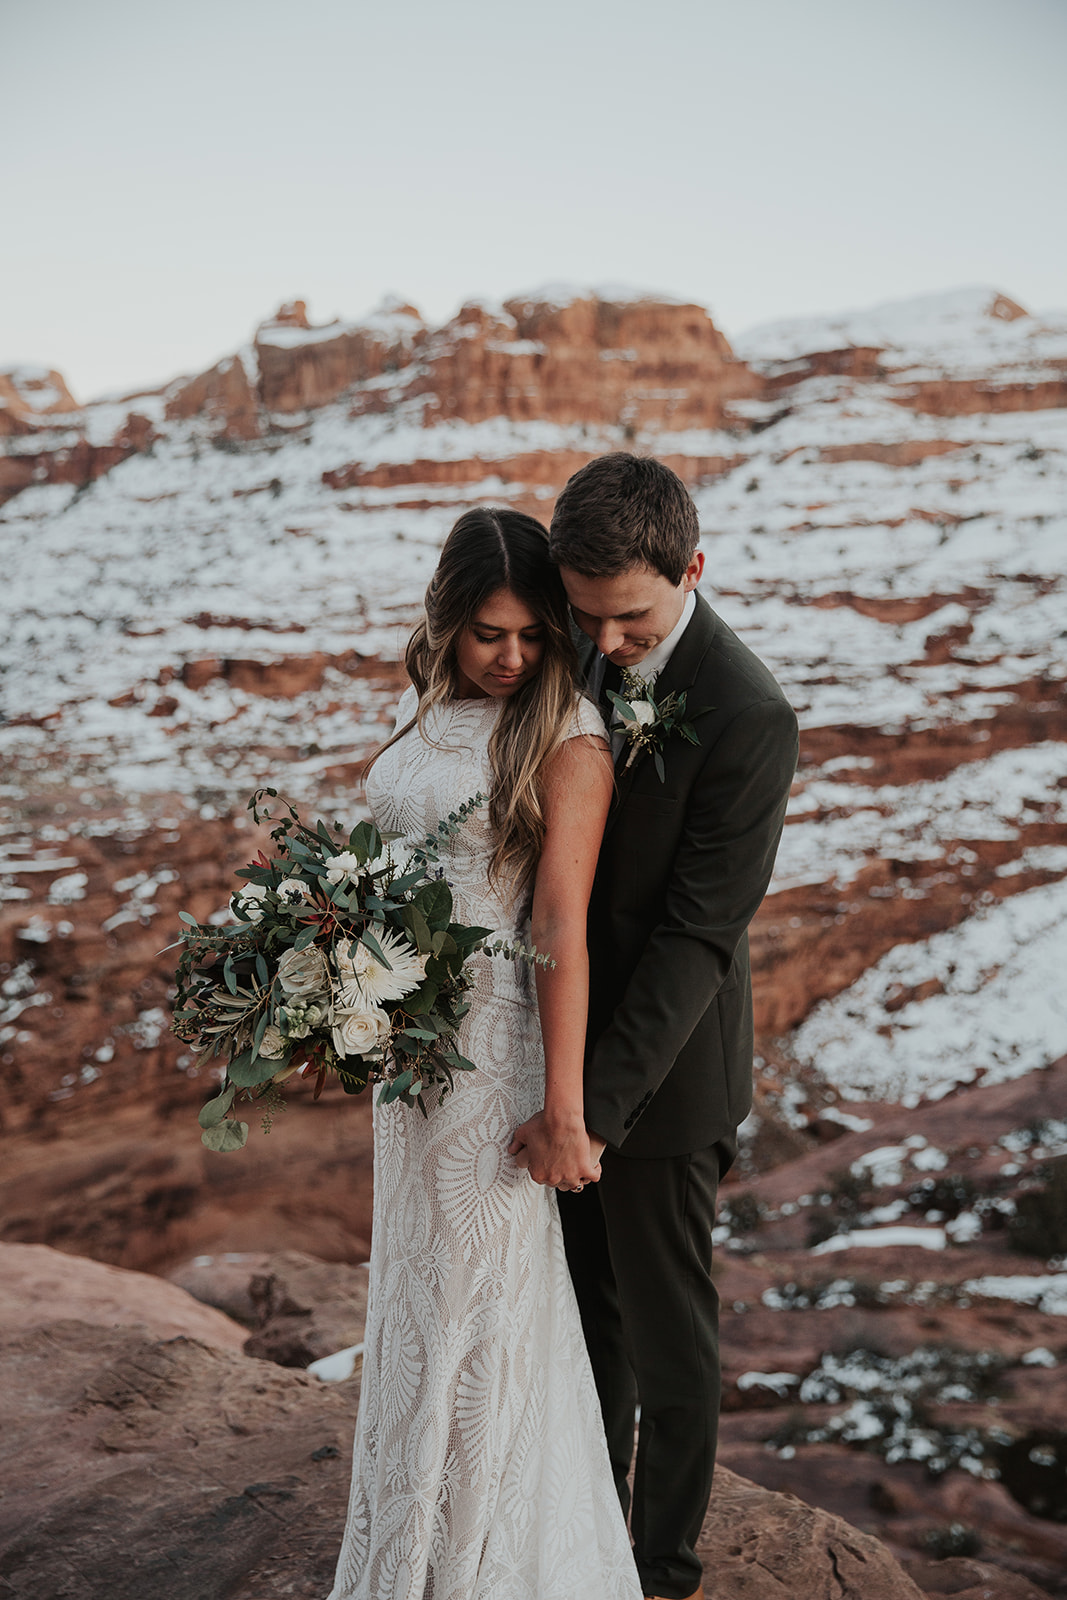 jamie+weston bridals-239.jpg